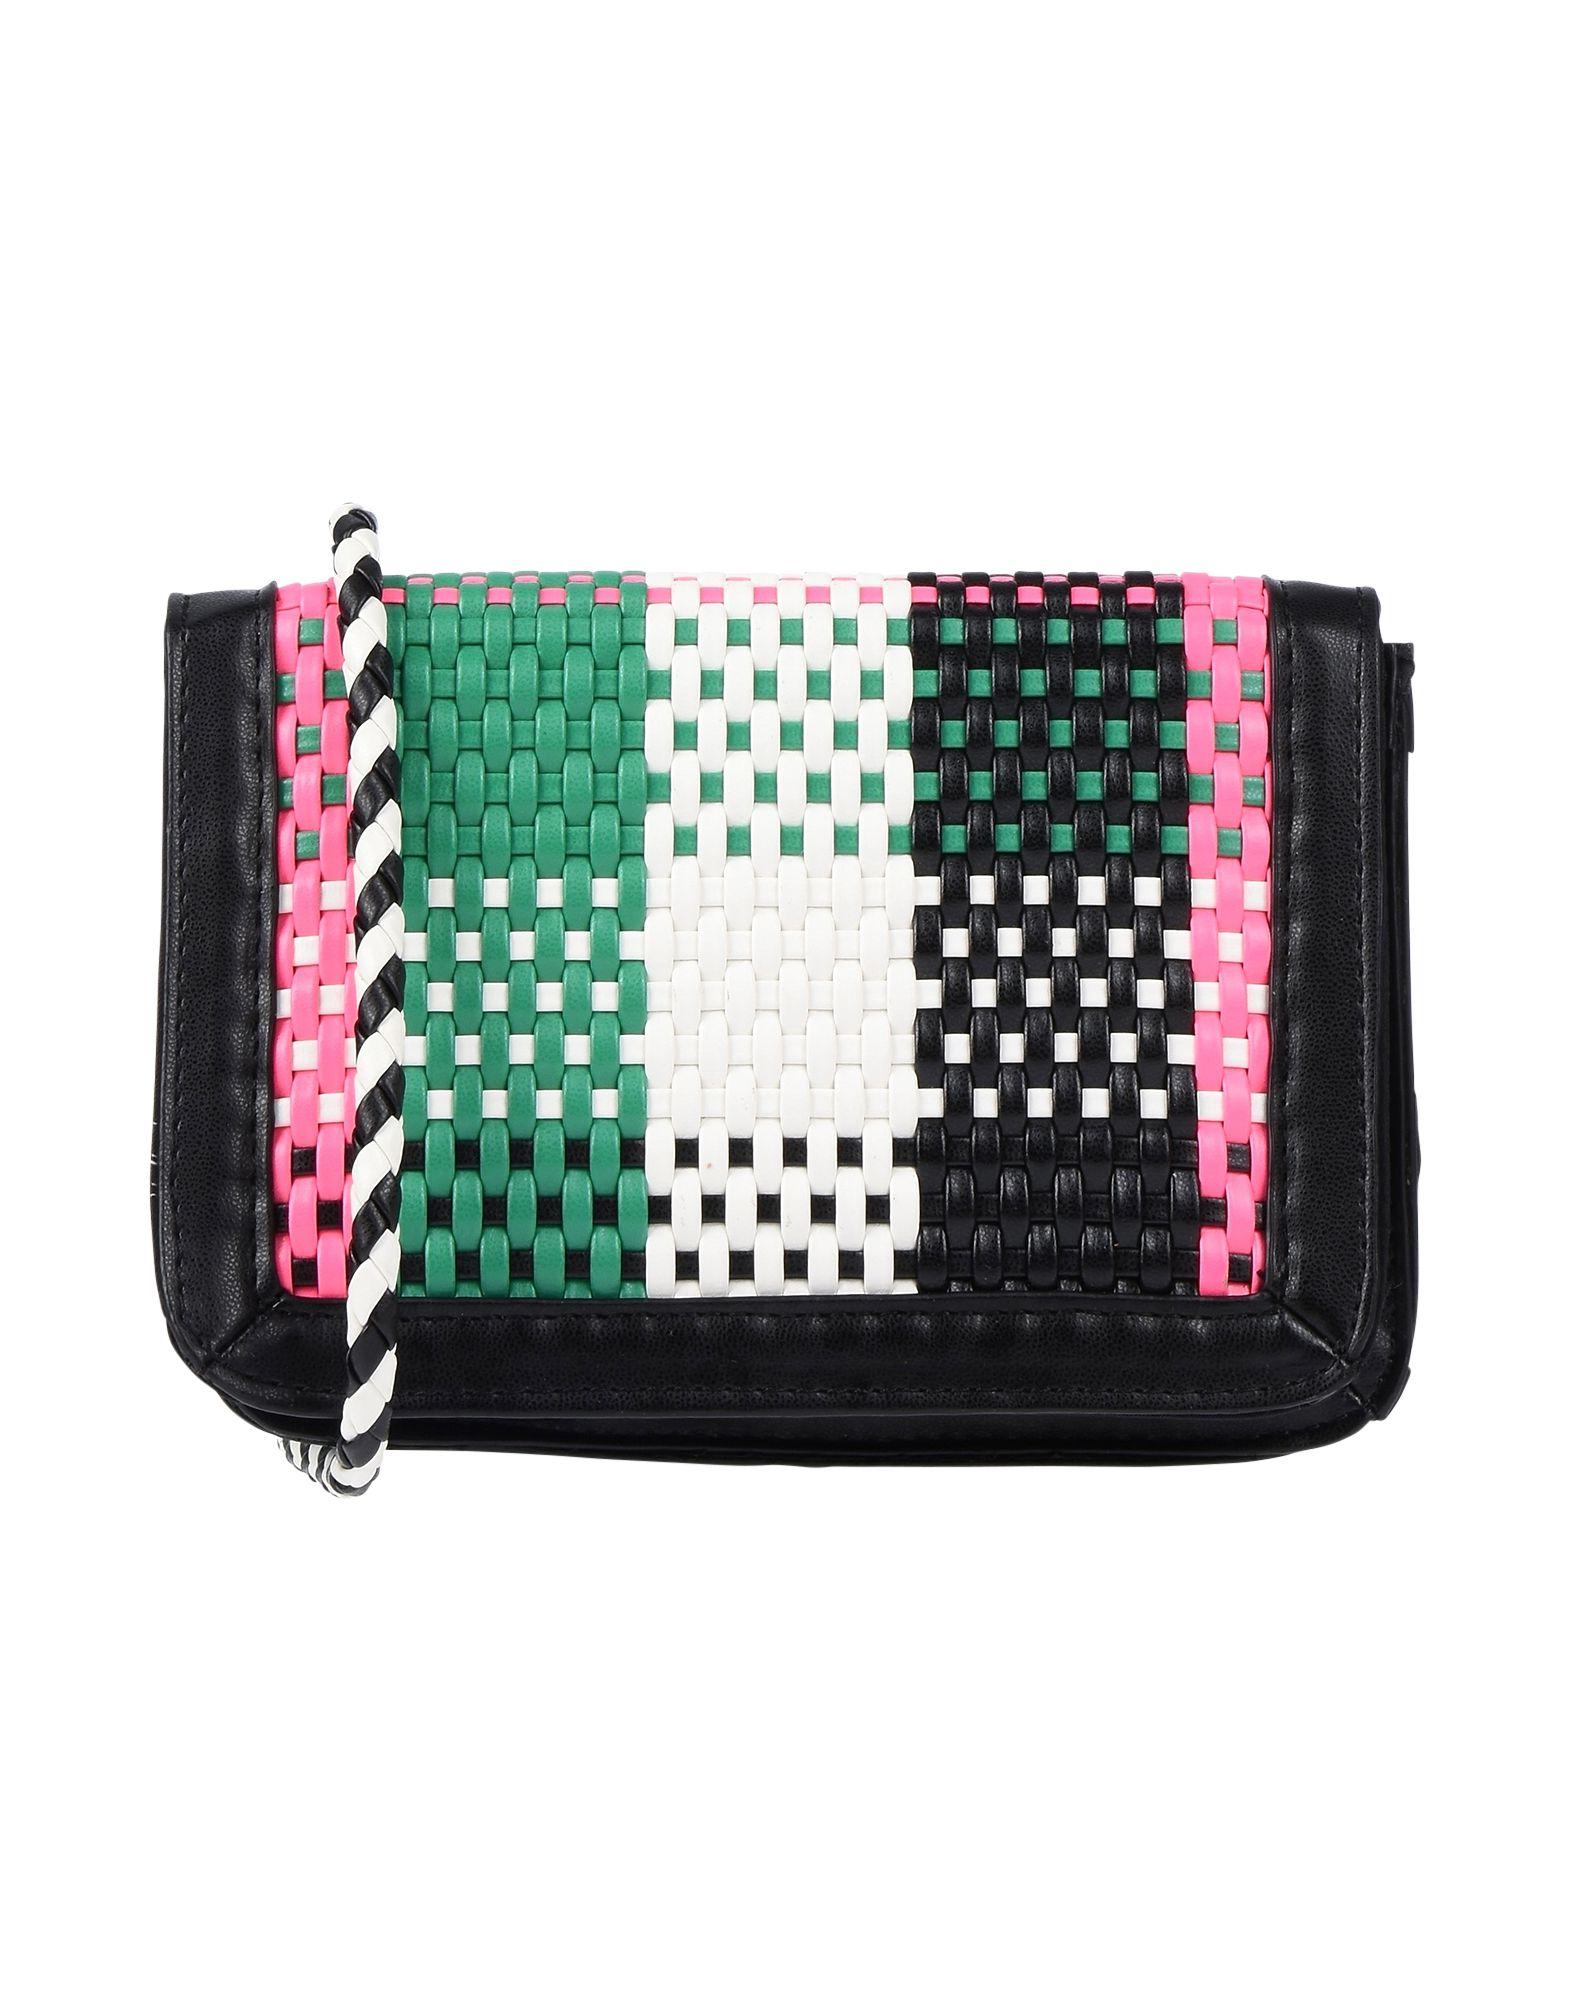 《送料無料》ESSENTIEL ANTWERP レディース メッセンジャーバッグ グリーン 80% ポリエステル 20% ポリウレタン Pagliari mini shoulderbag